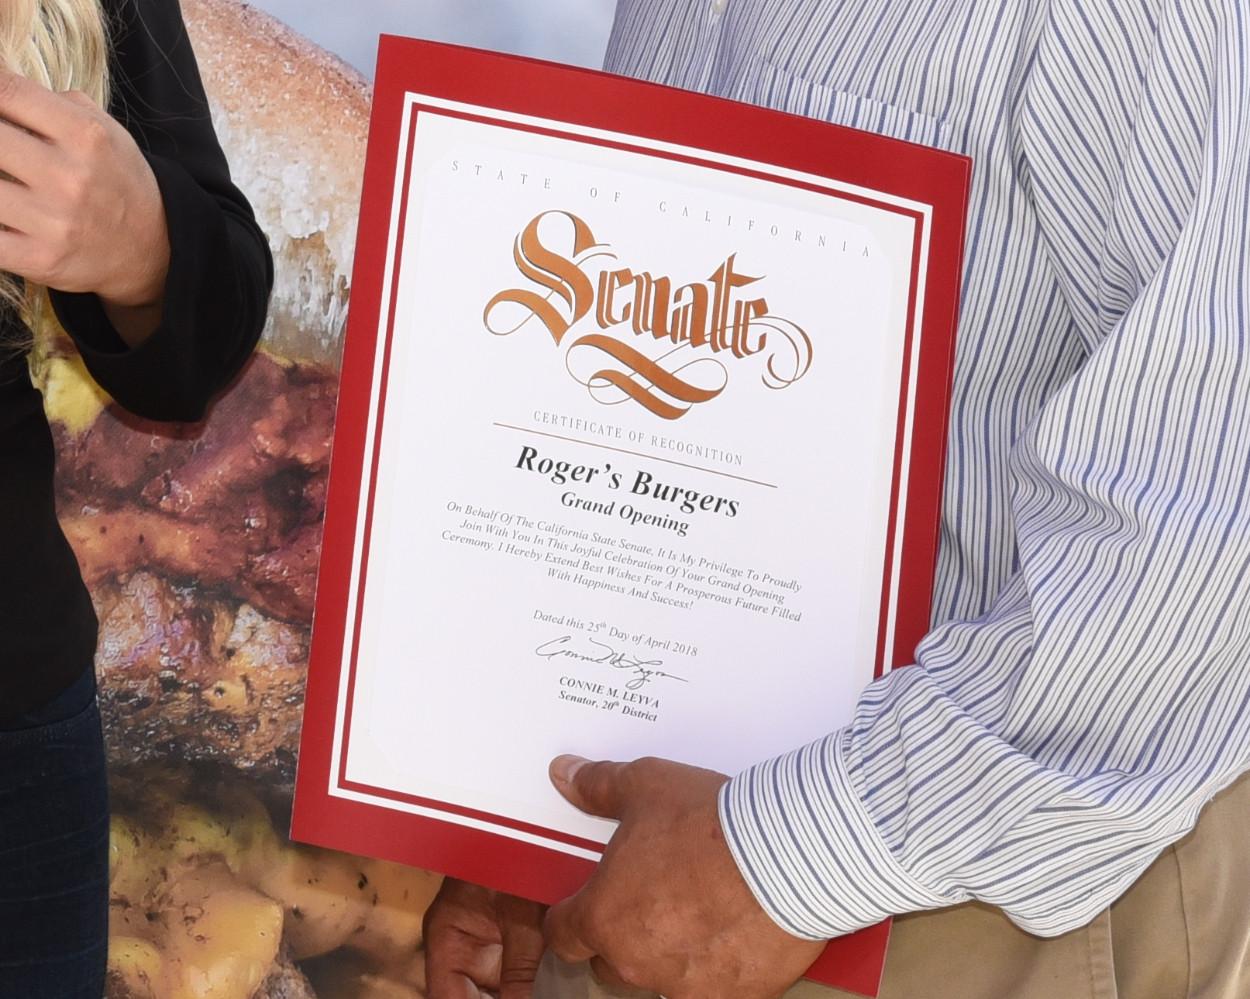 Roger's Burgers Senate Certificate